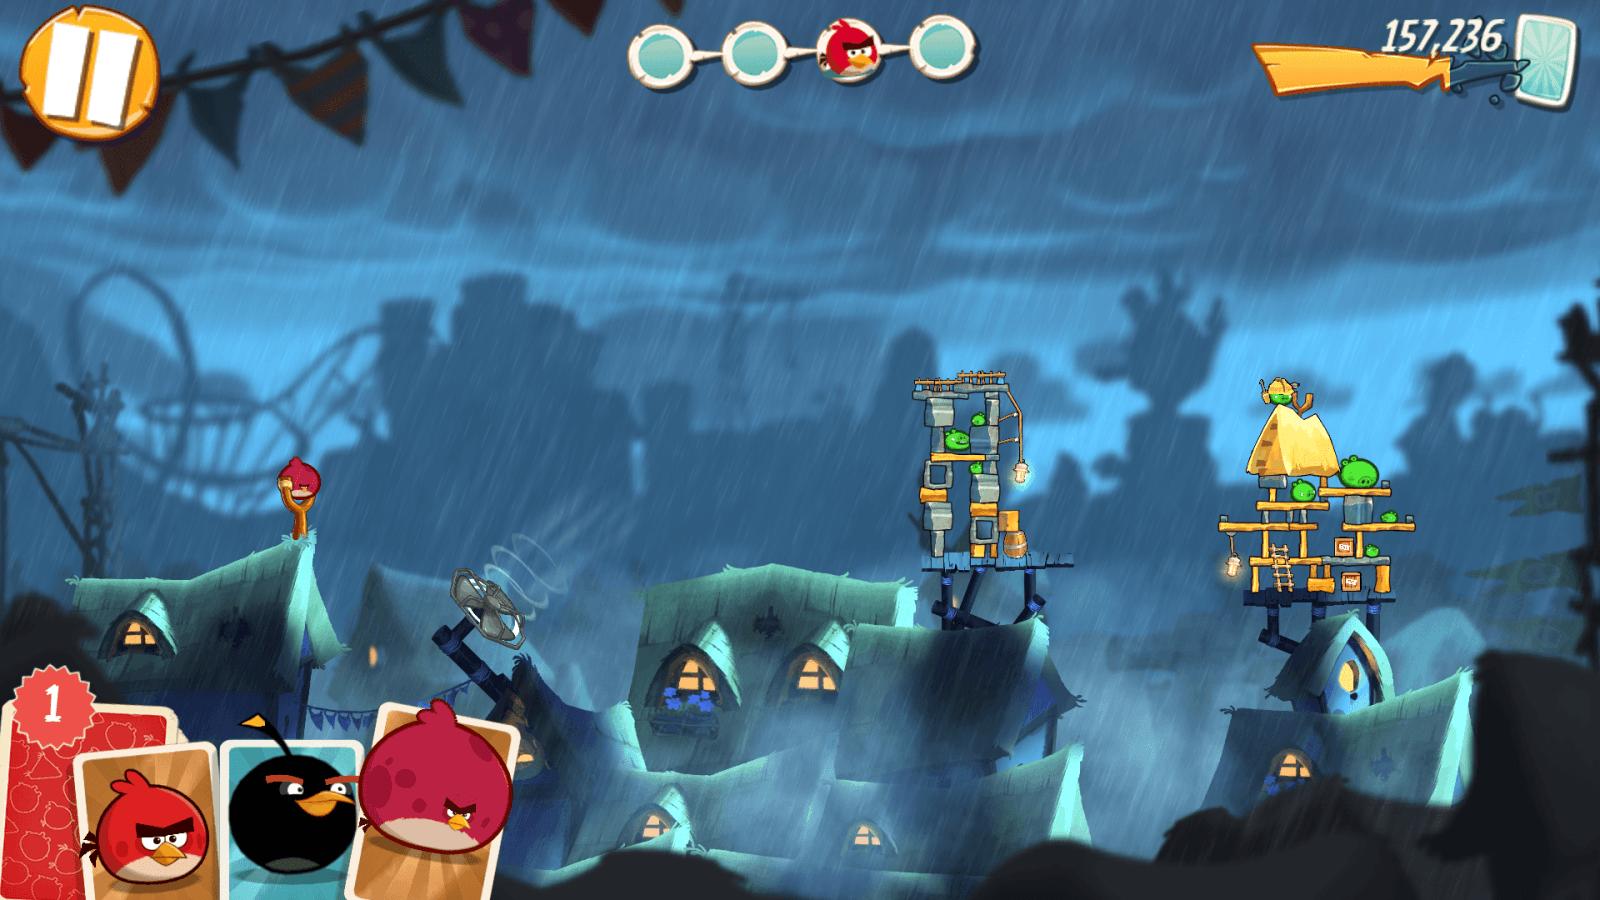 Screenshot 2015 08 24 02 57 23 - Прохождение боссов Angry Birds 2, часть 3